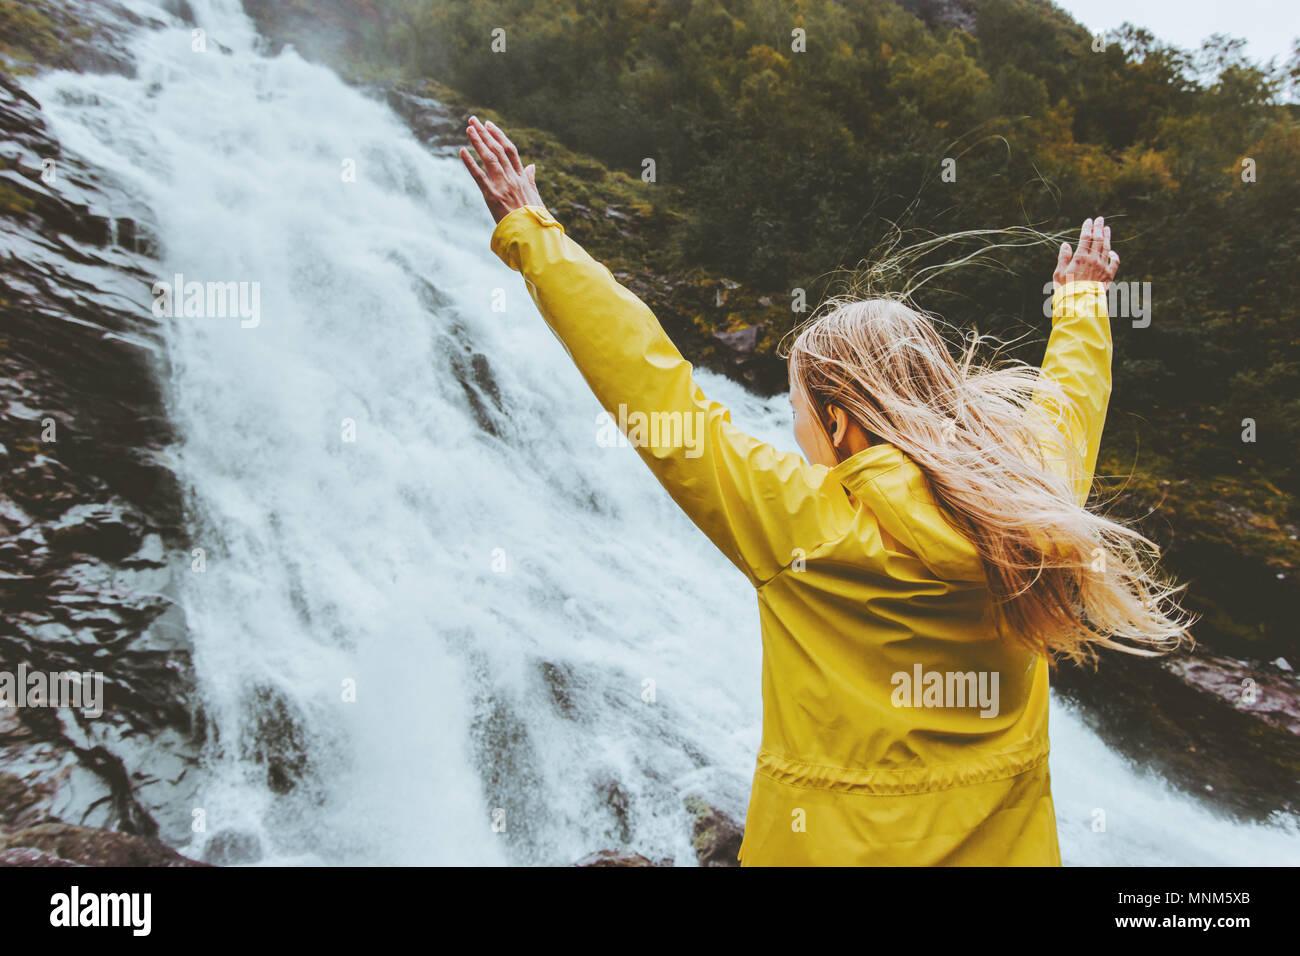 Mujer viajero manos alzadas disfrutando del paisaje cascada que viajan solos en la aventura salvaje armonía de vida con el concepto de naturaleza emocional expre Imagen De Stock